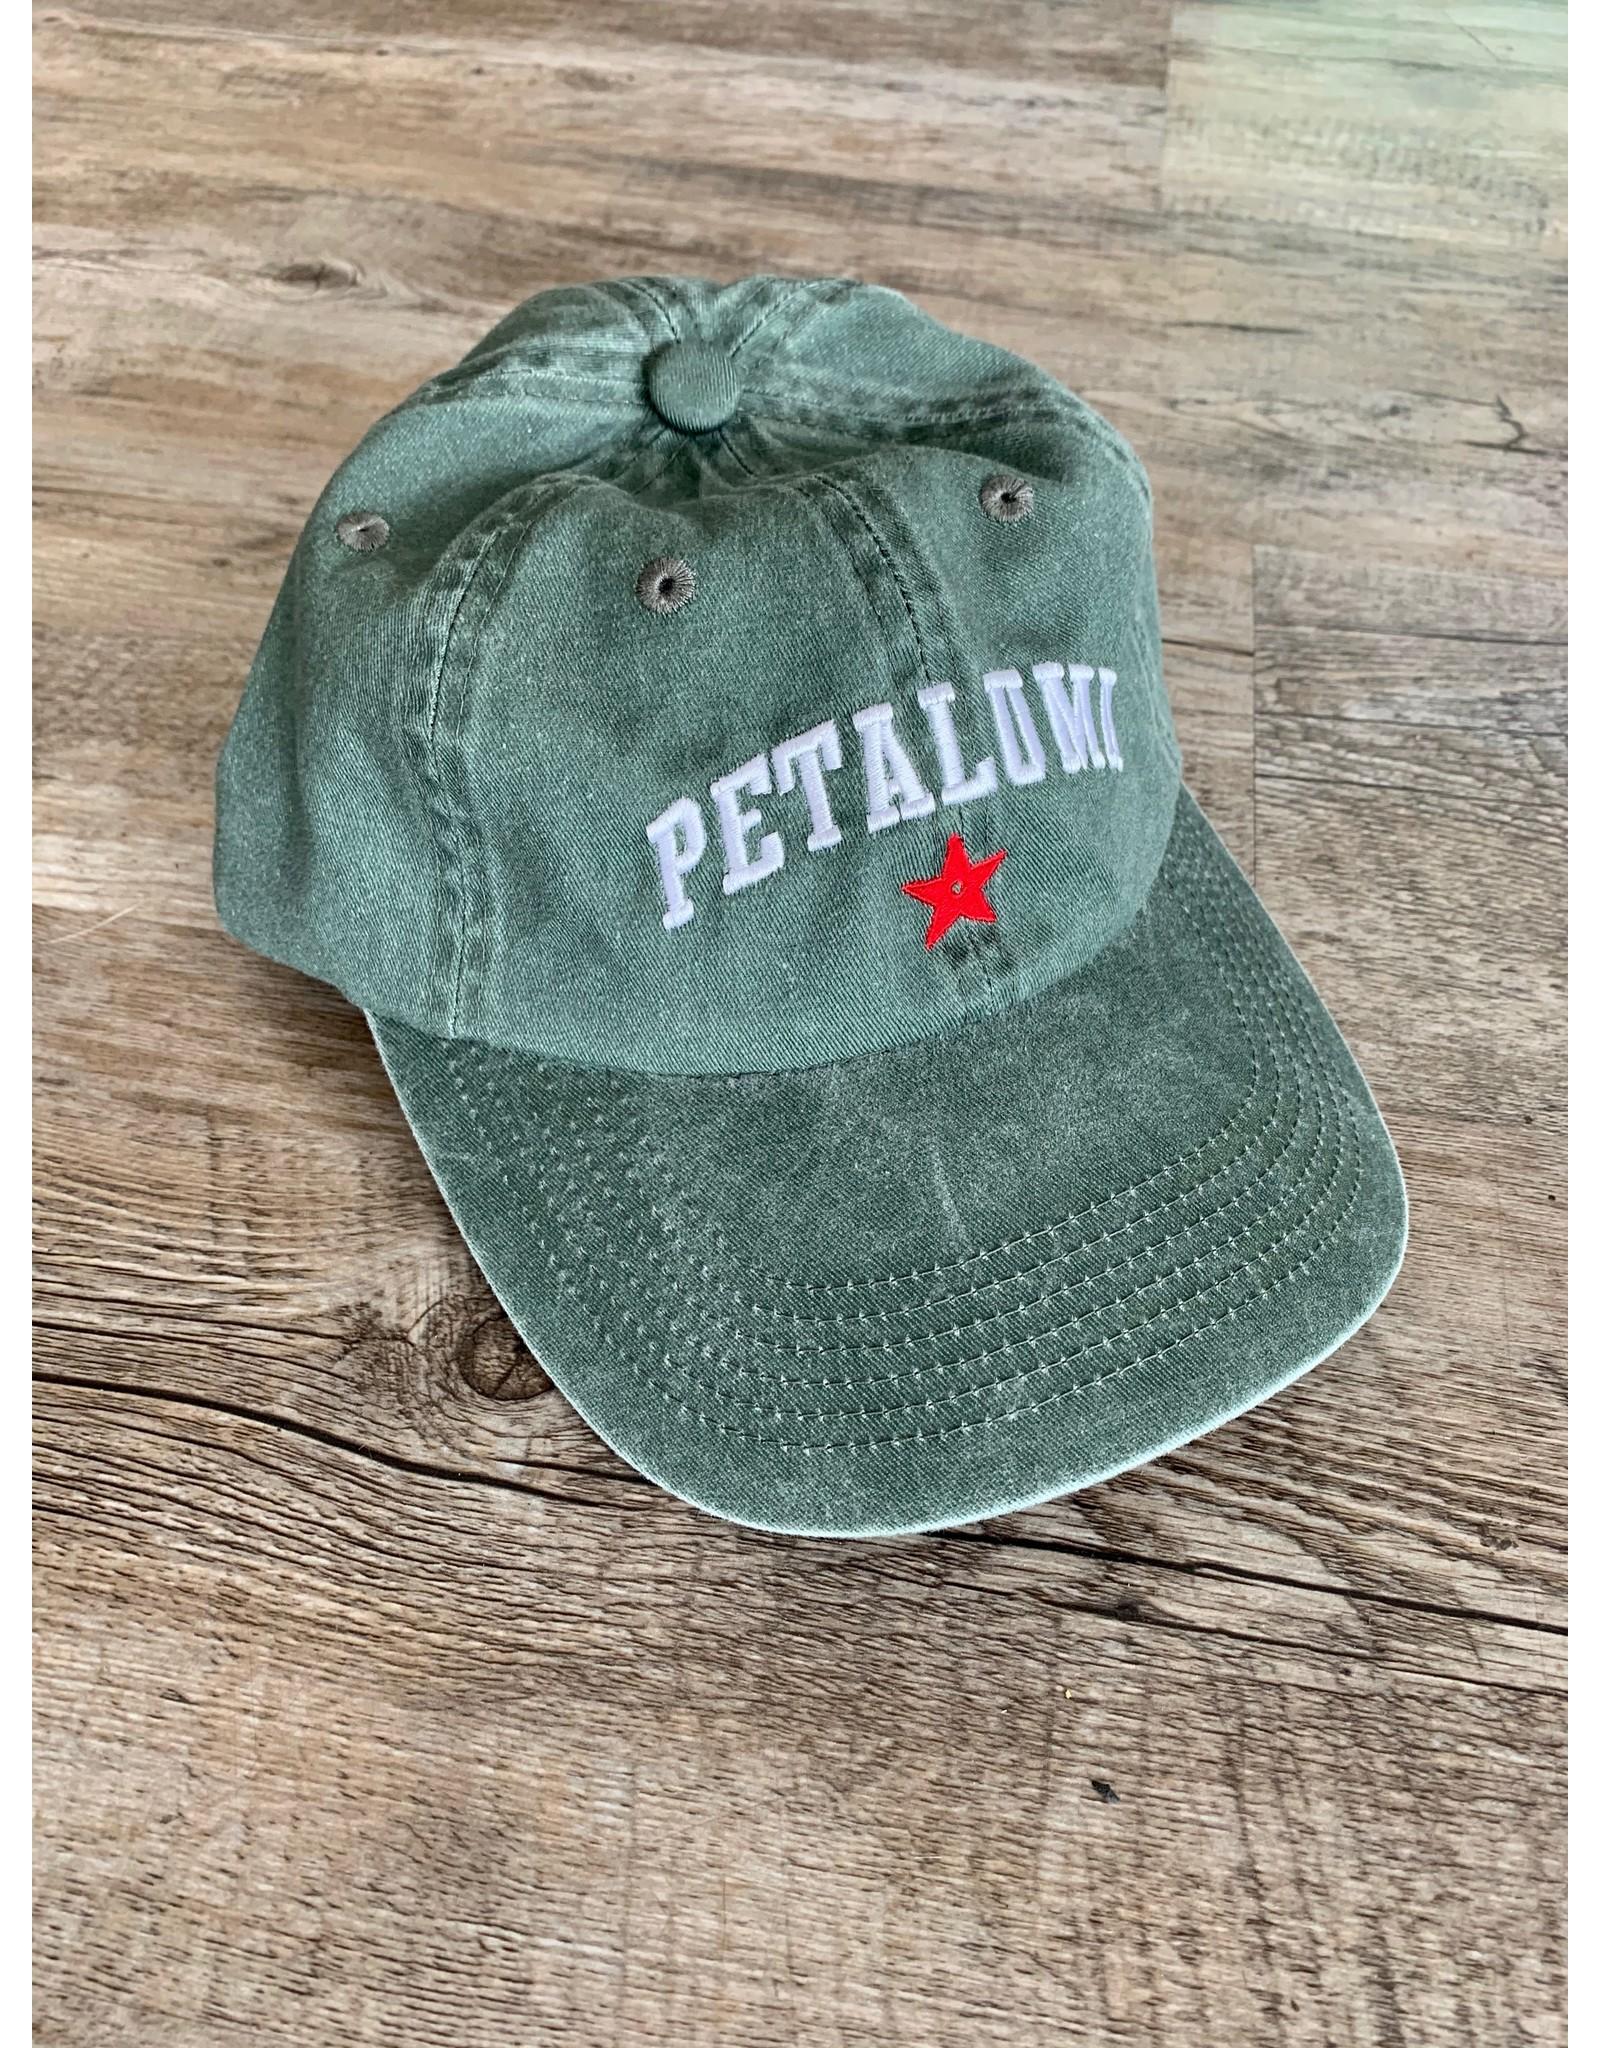 Petaluma ball cap - Green